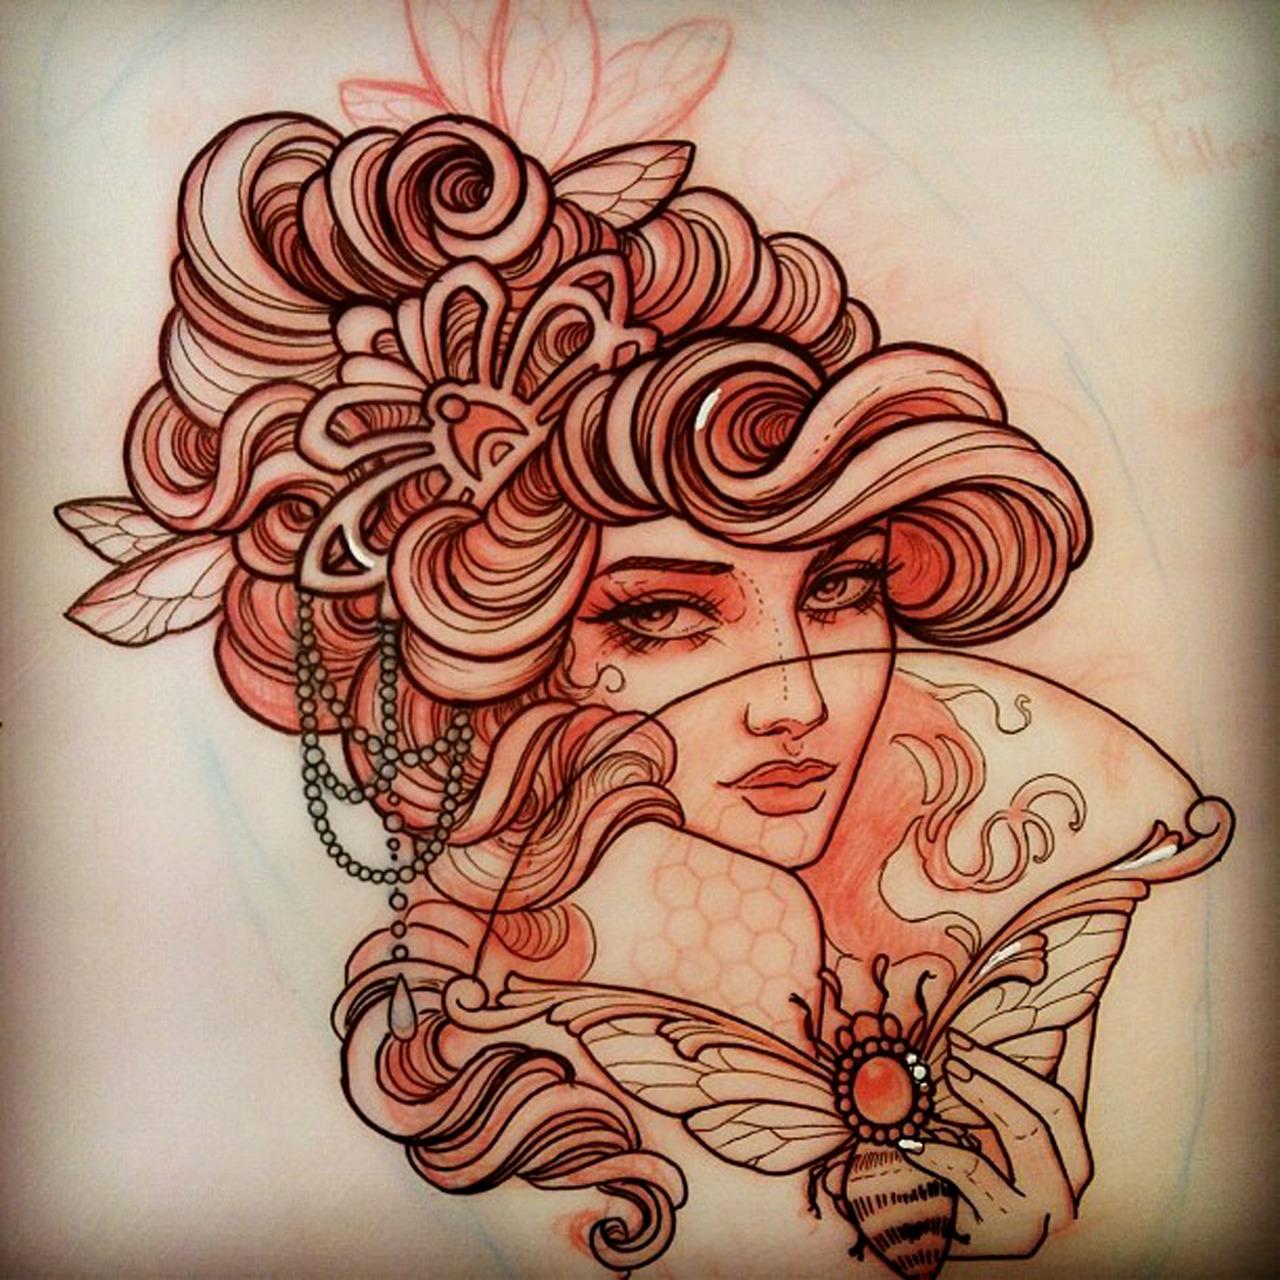 Drawn quoth instagram Sadd Teniele  Sadd Done